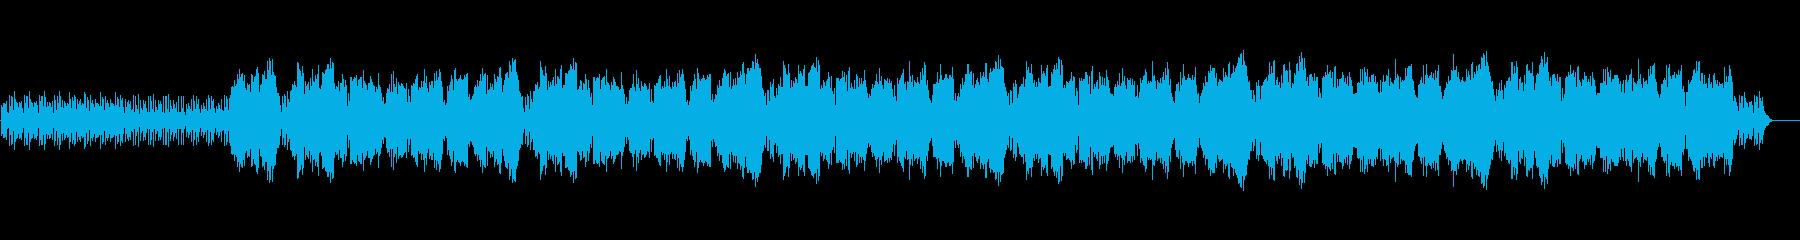 ゲームのオープニングの様な雰囲気のある曲の再生済みの波形